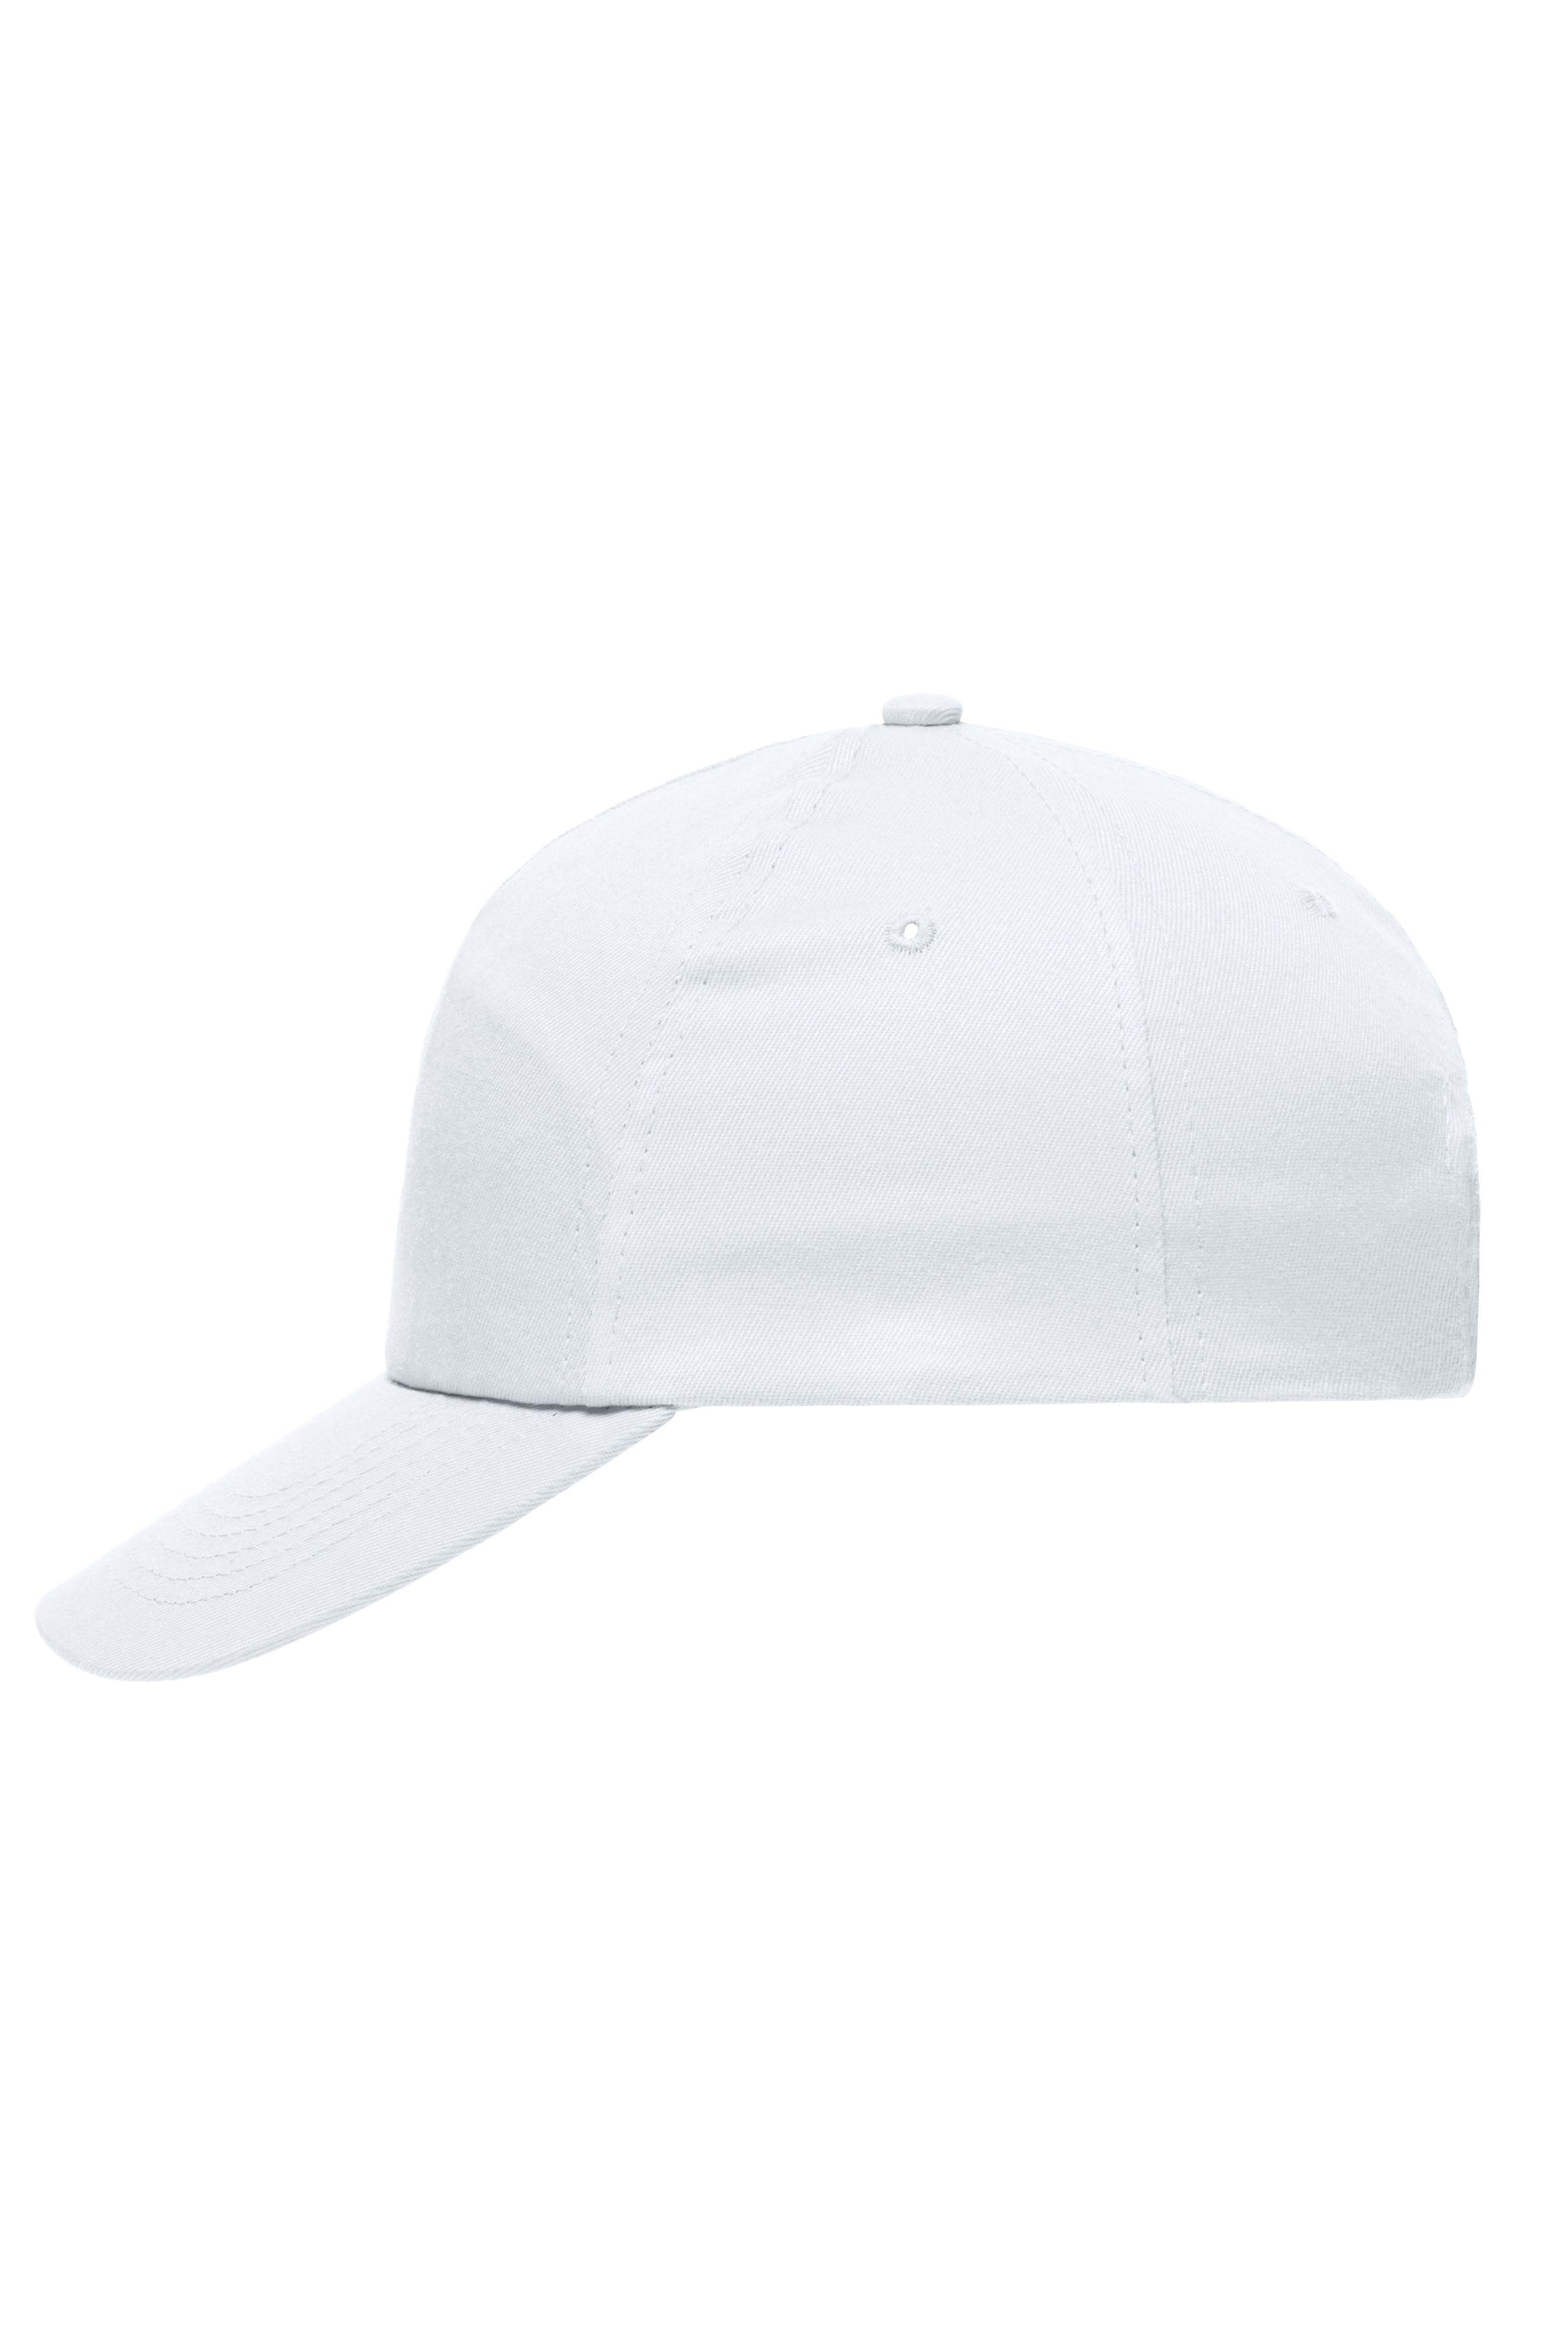 Promo Cap mit Klappverstärkung im Frontpanel